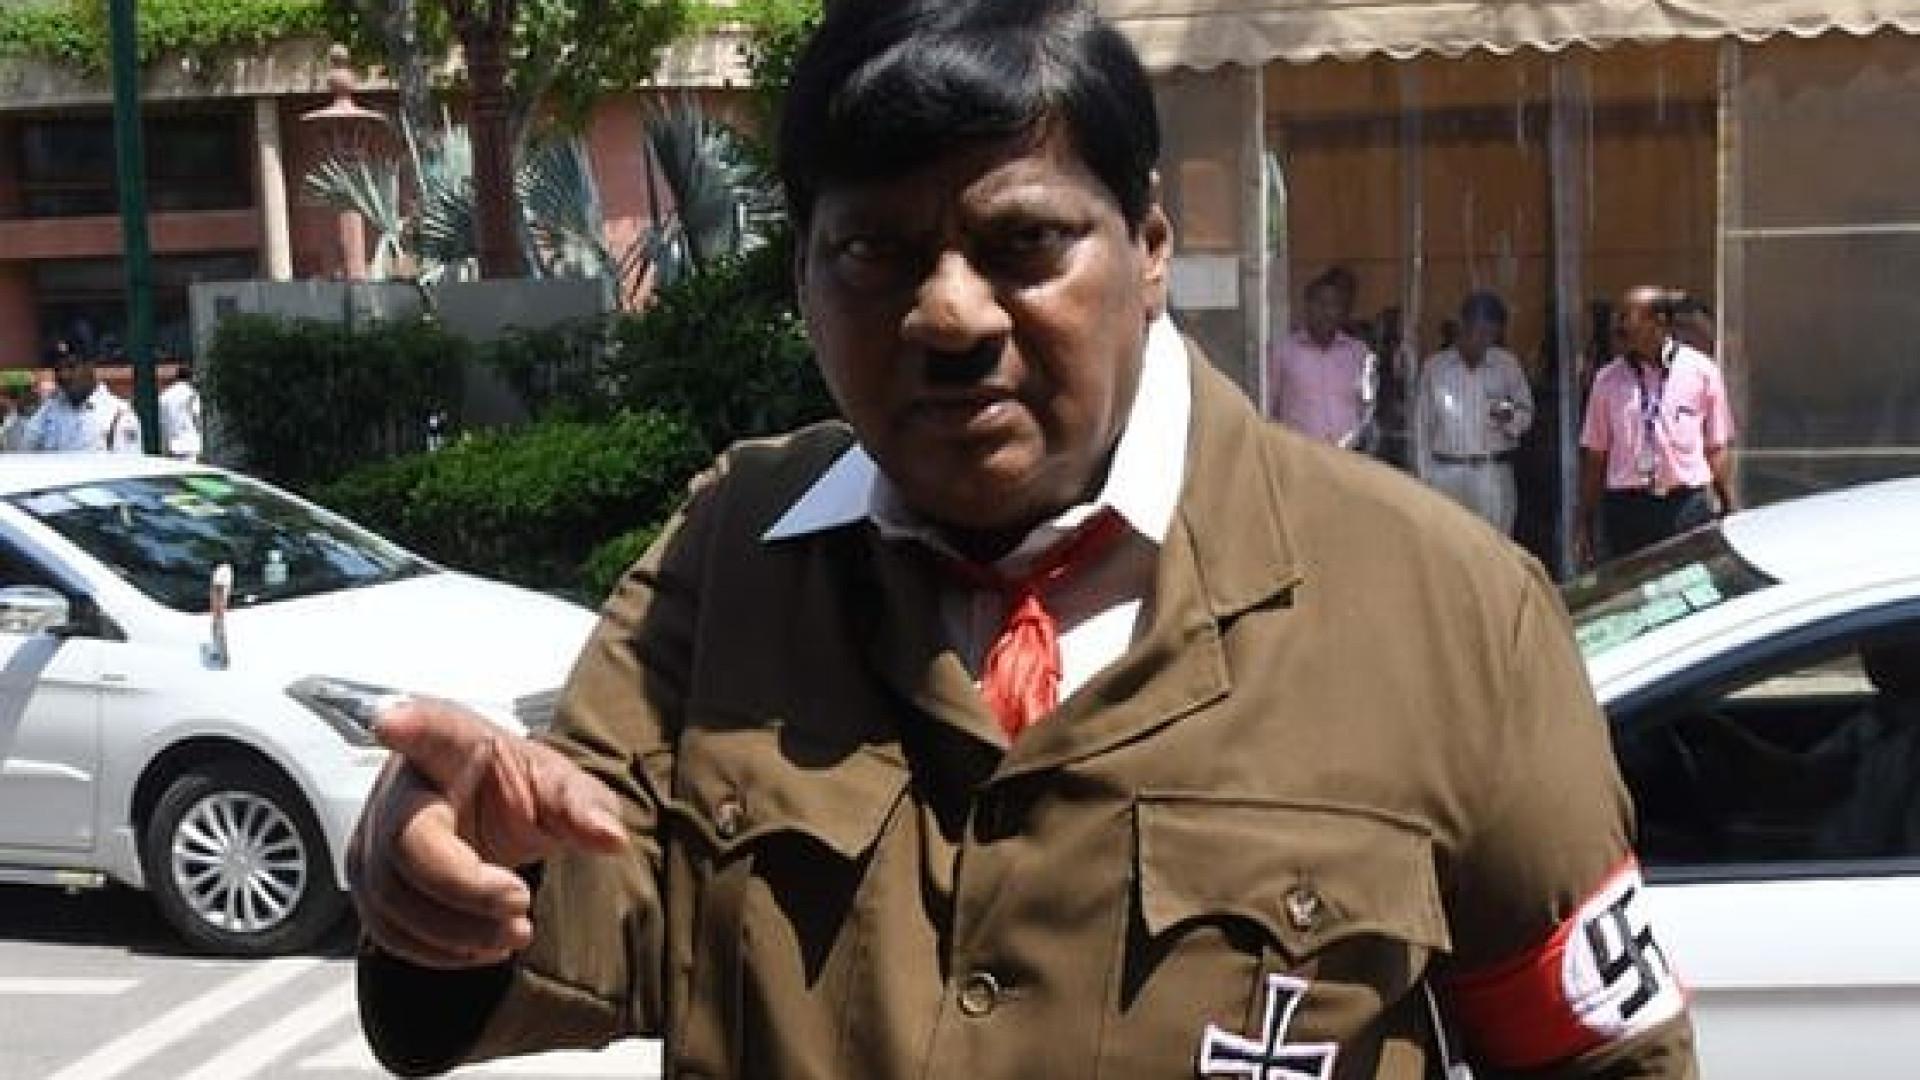 Deputado indiano vai ao parlamento disfarçado de Hitler